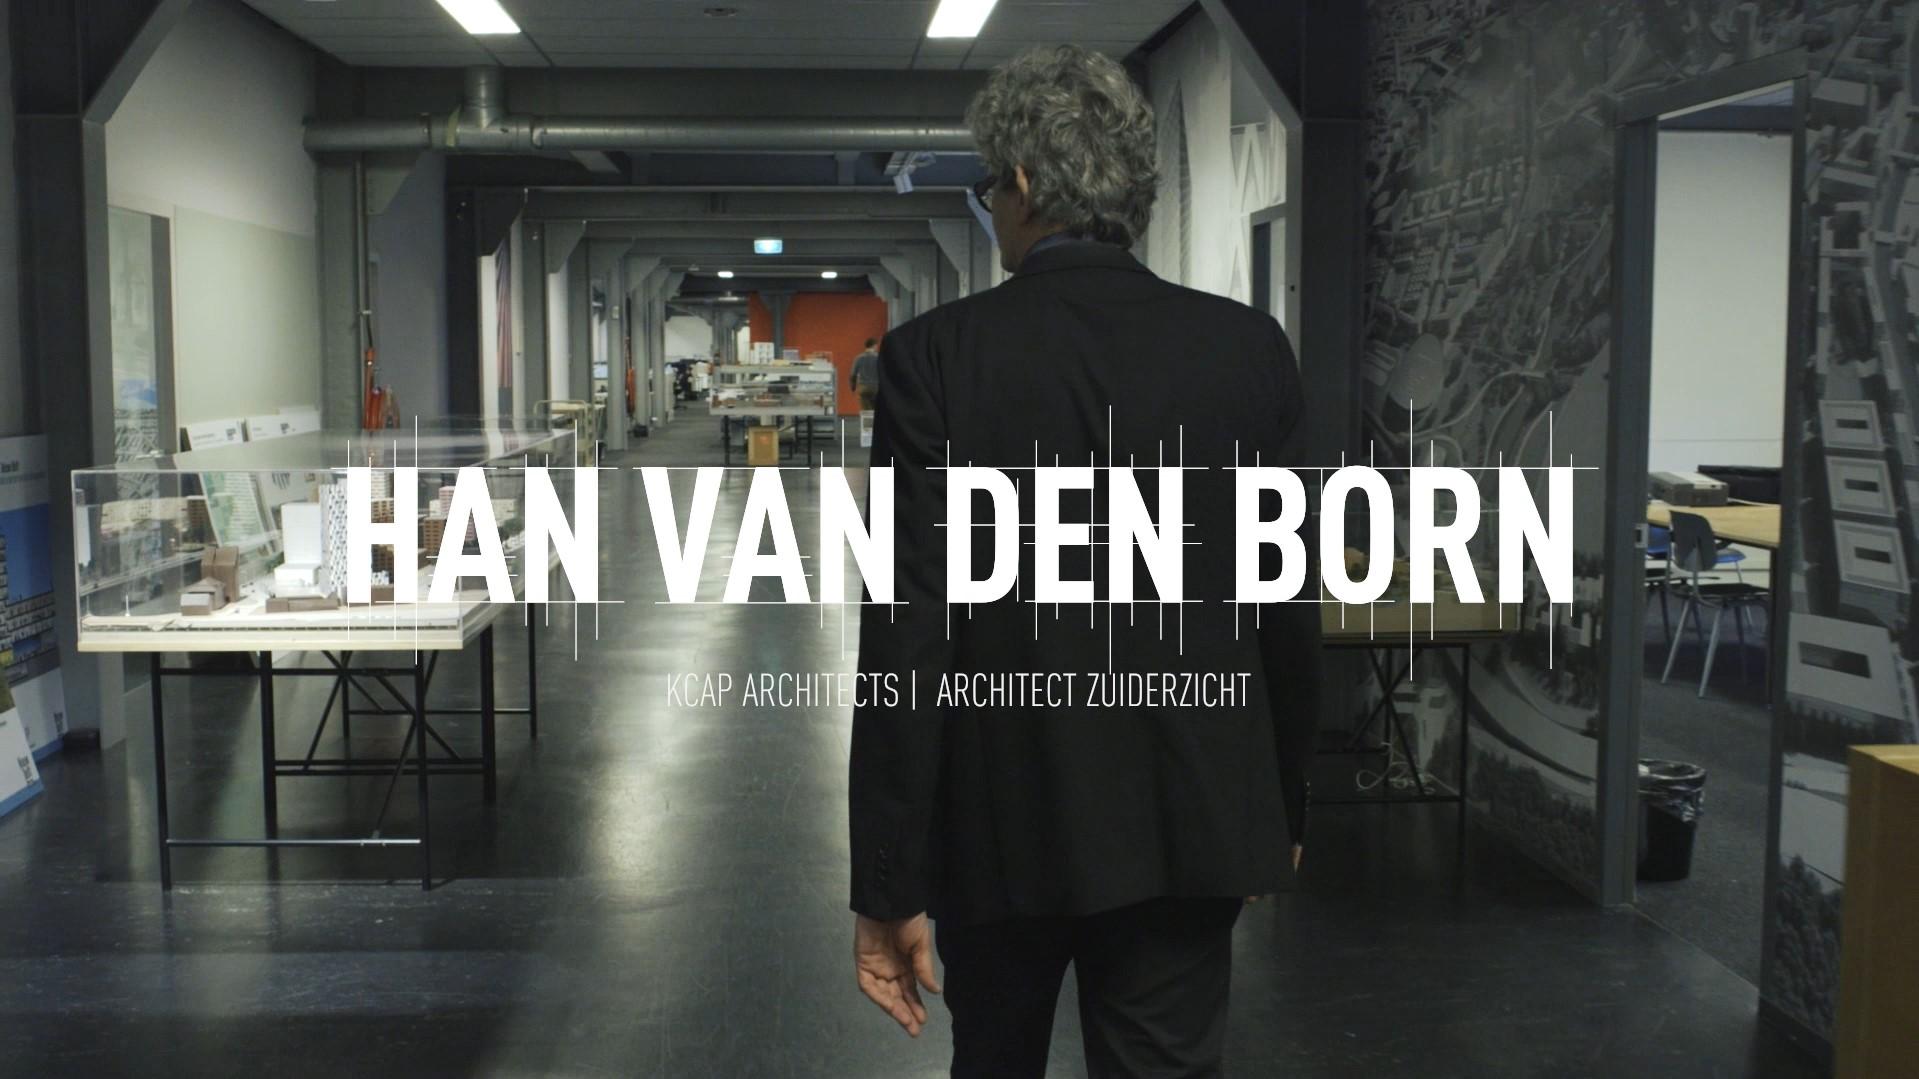 Architect Han van den Born van KCAP Architects